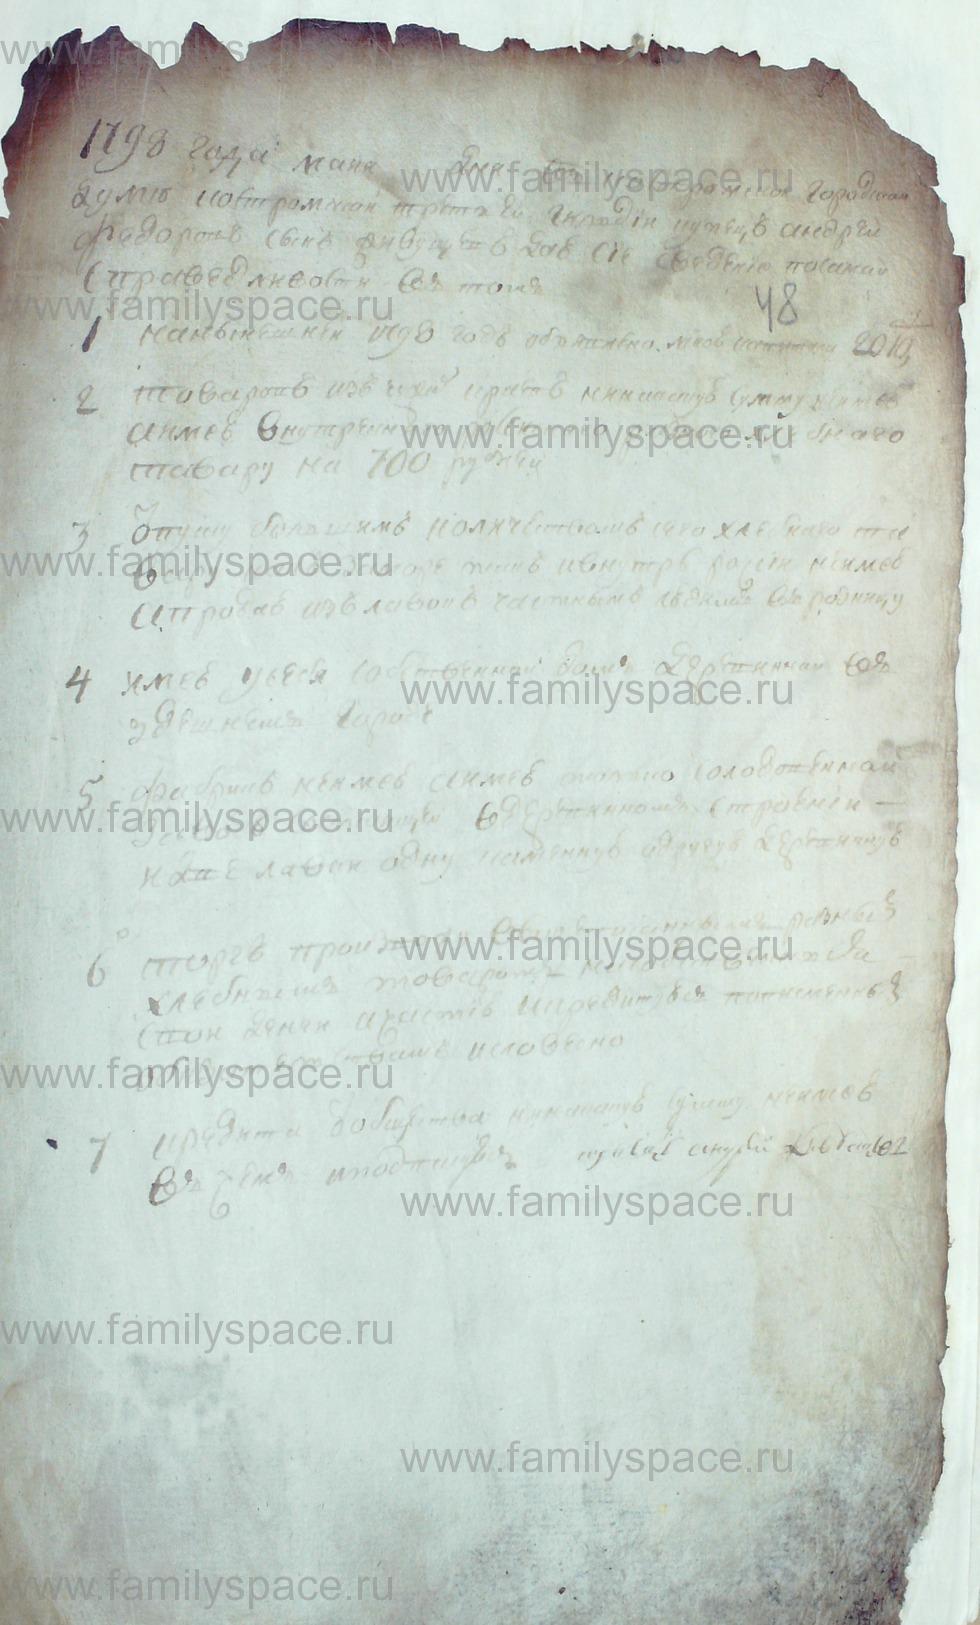 Поиск по фамилии - Сведения о купцах г. Кострома и их капиталах, страница 50